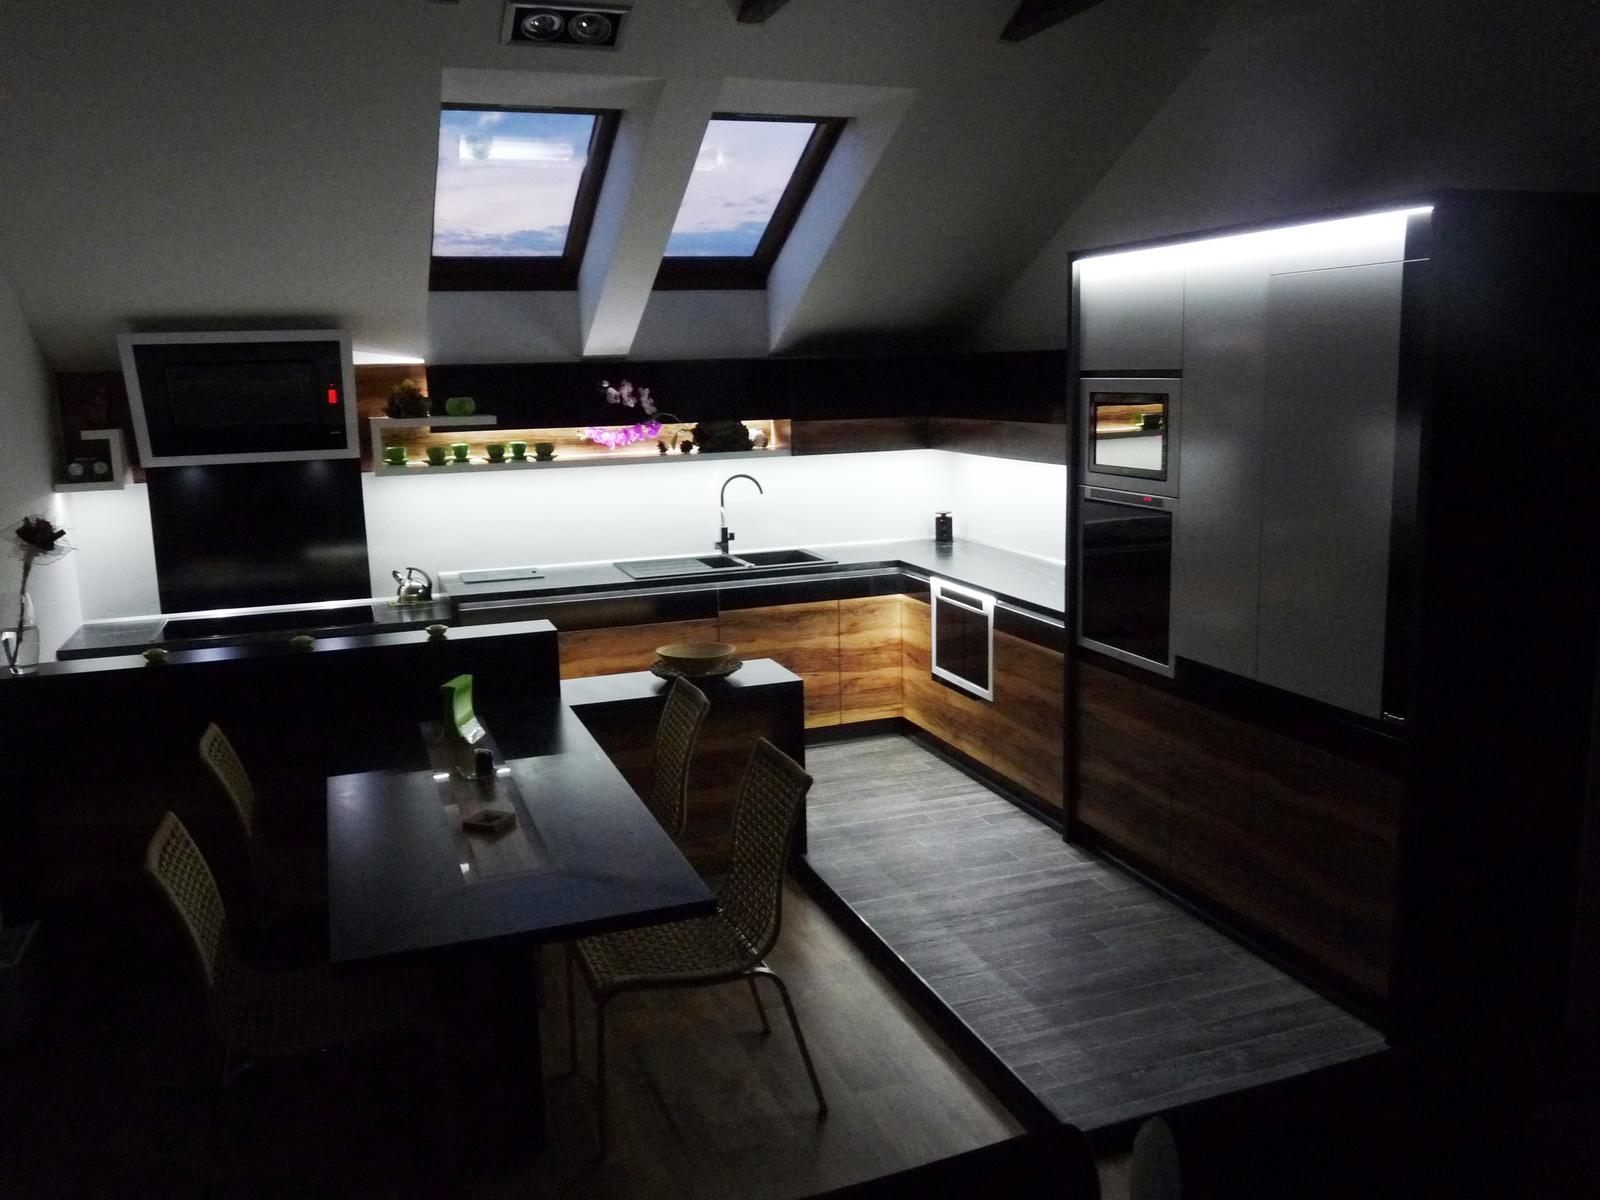 Kuchyňské linky....realizace - Naopak studené bílé světlo je vhodné na podsvícení pracovní části